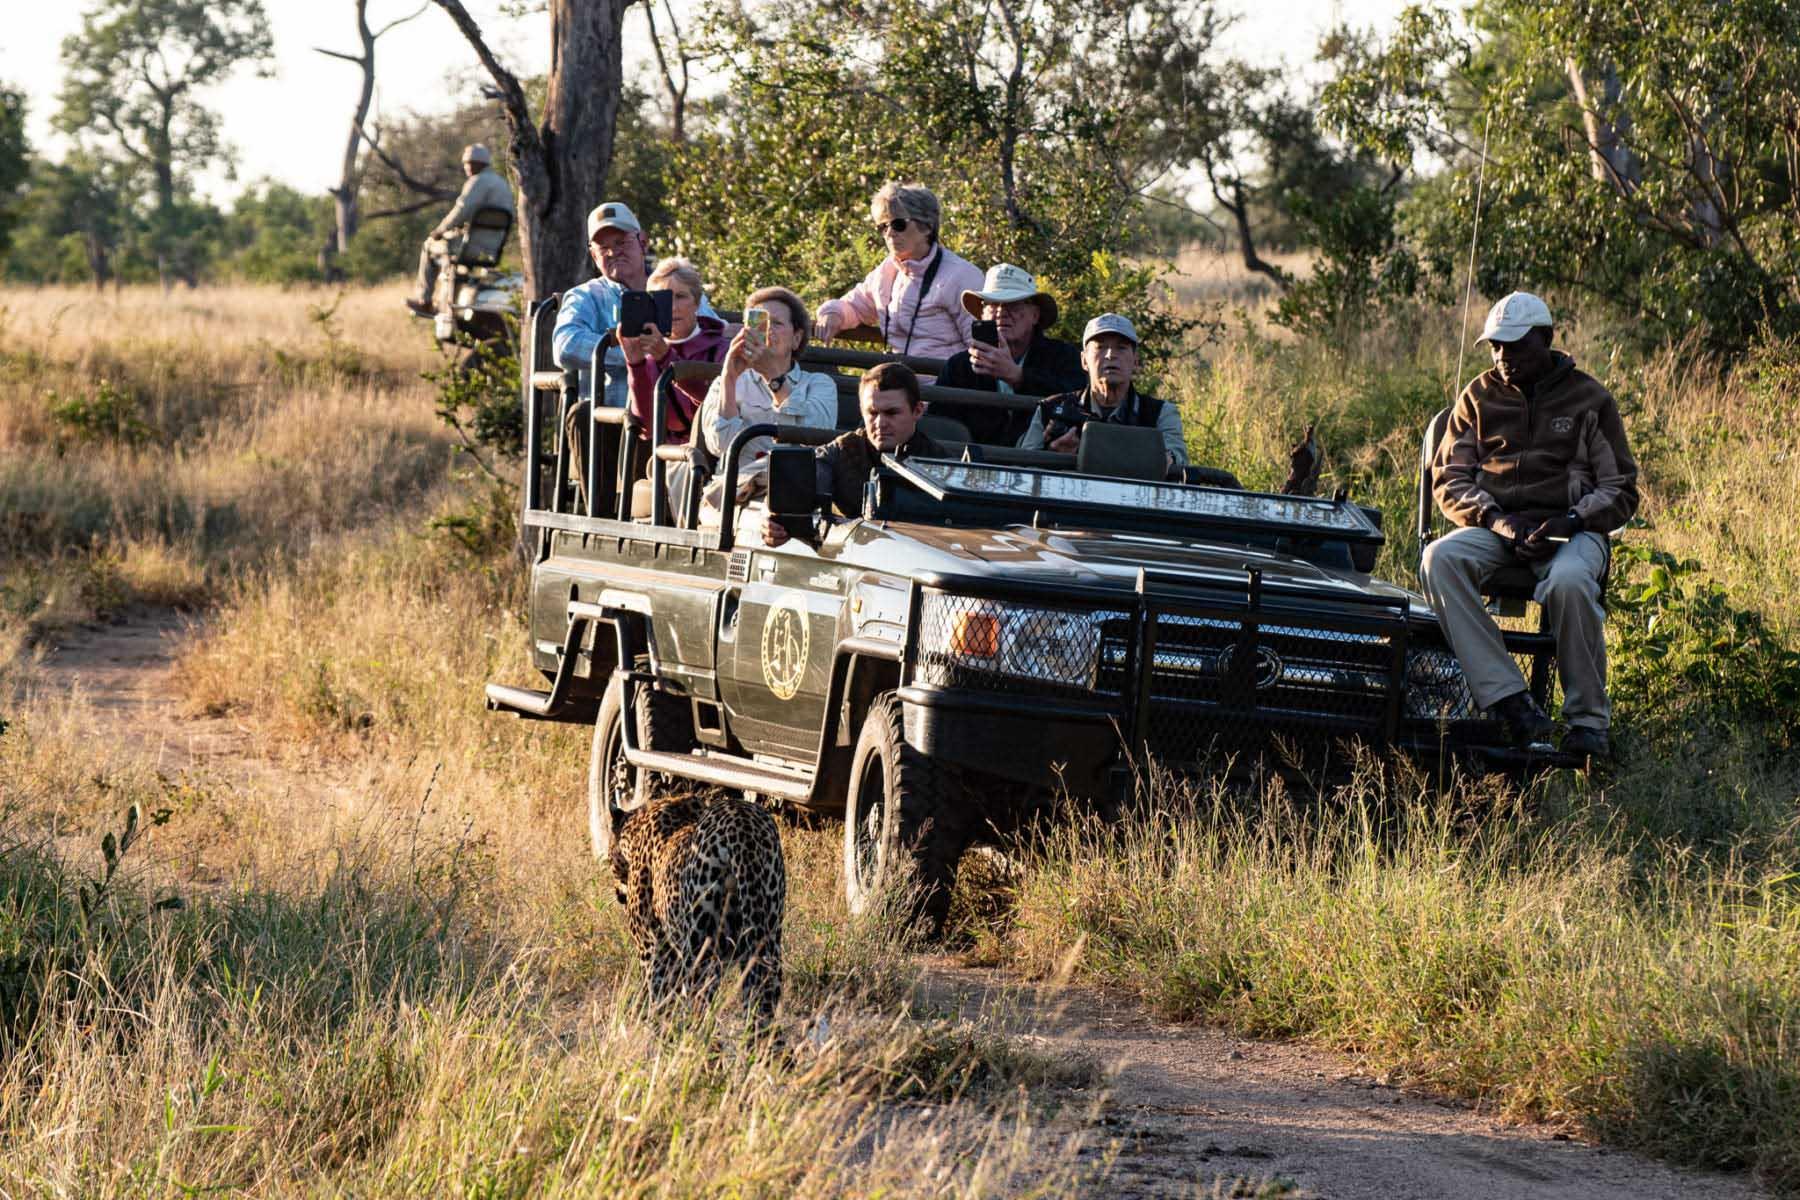 Kläder på safari – det här ska du ha på dig